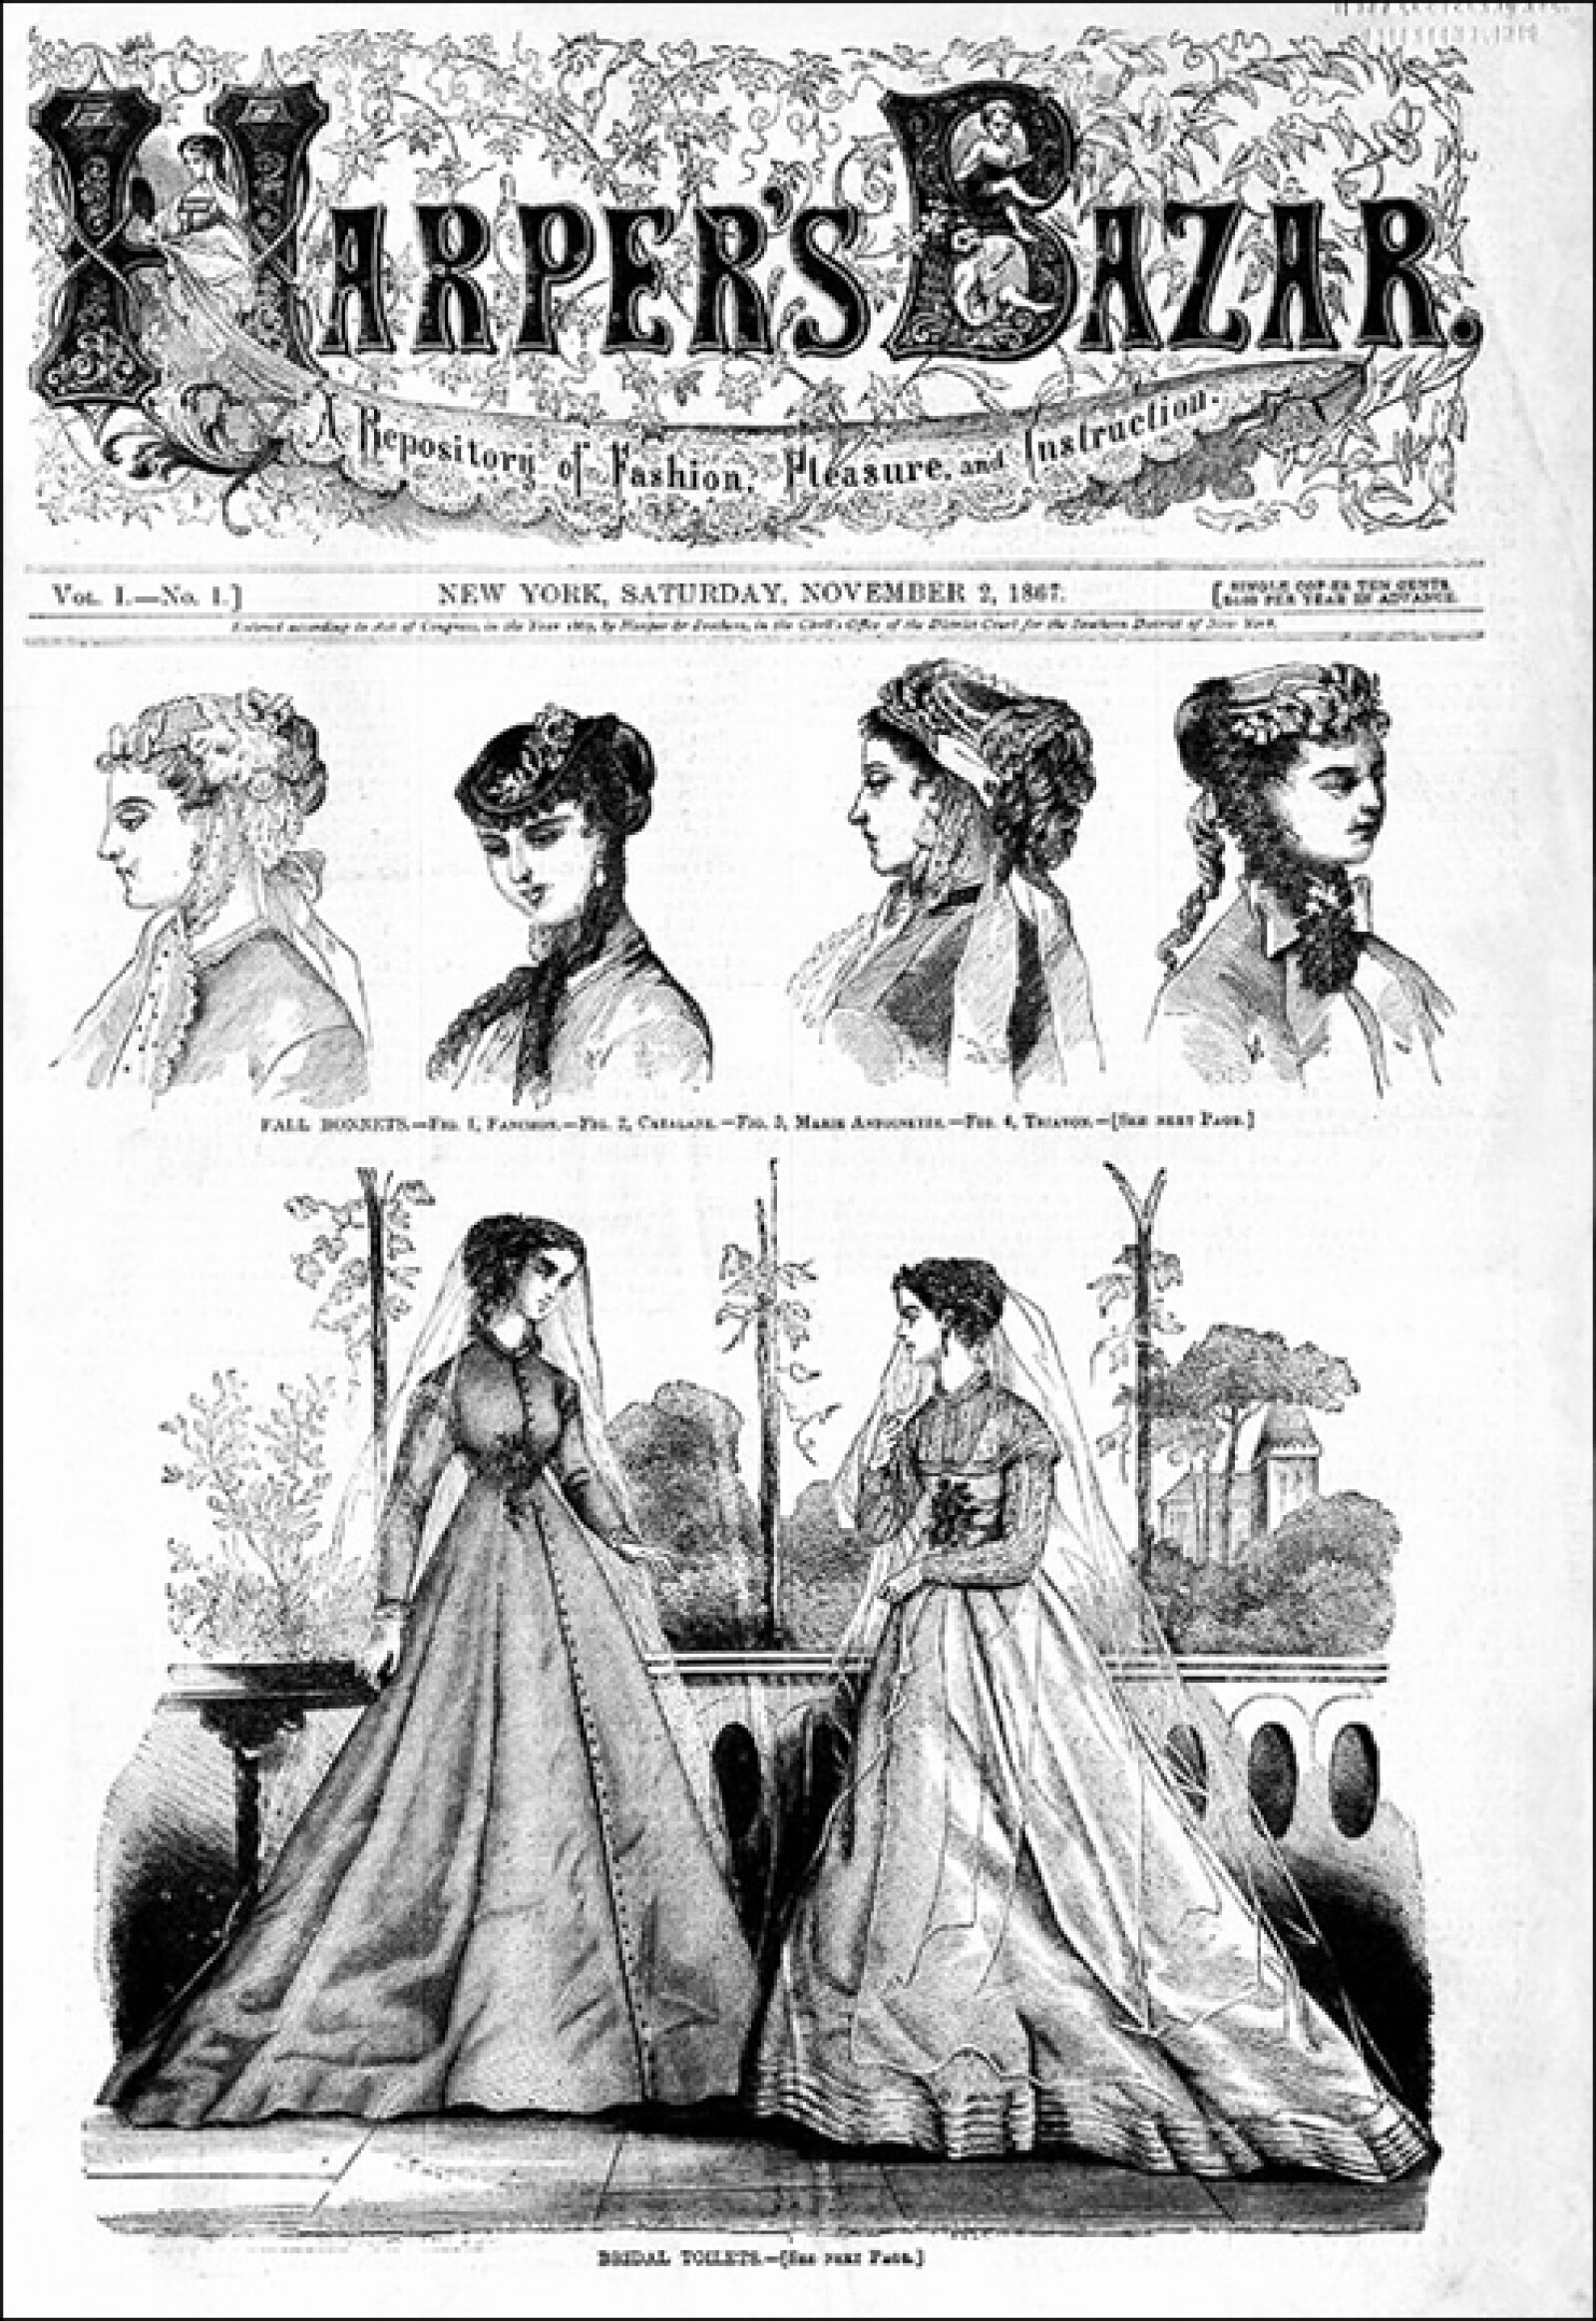 Harpers Bazaar: Esta fue la primera edición de la entonces Harpers Bazar. Fue publicada el 2 de noviembre de 1867, y estaba dedicada a la moda y la literatura.